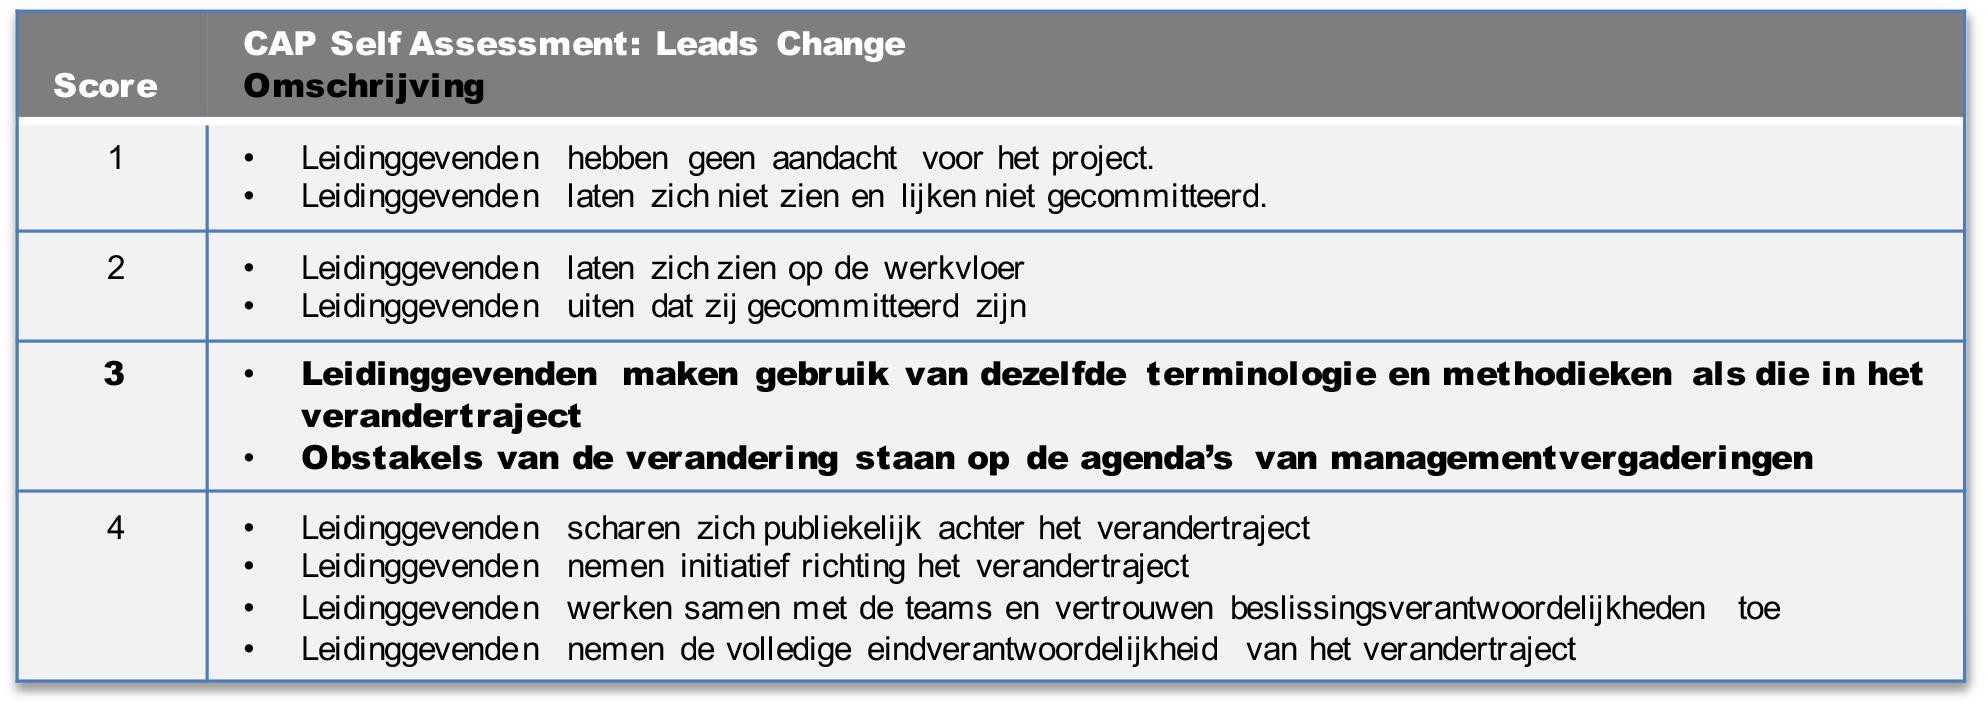 cap model leading change voorbeeld 2.png